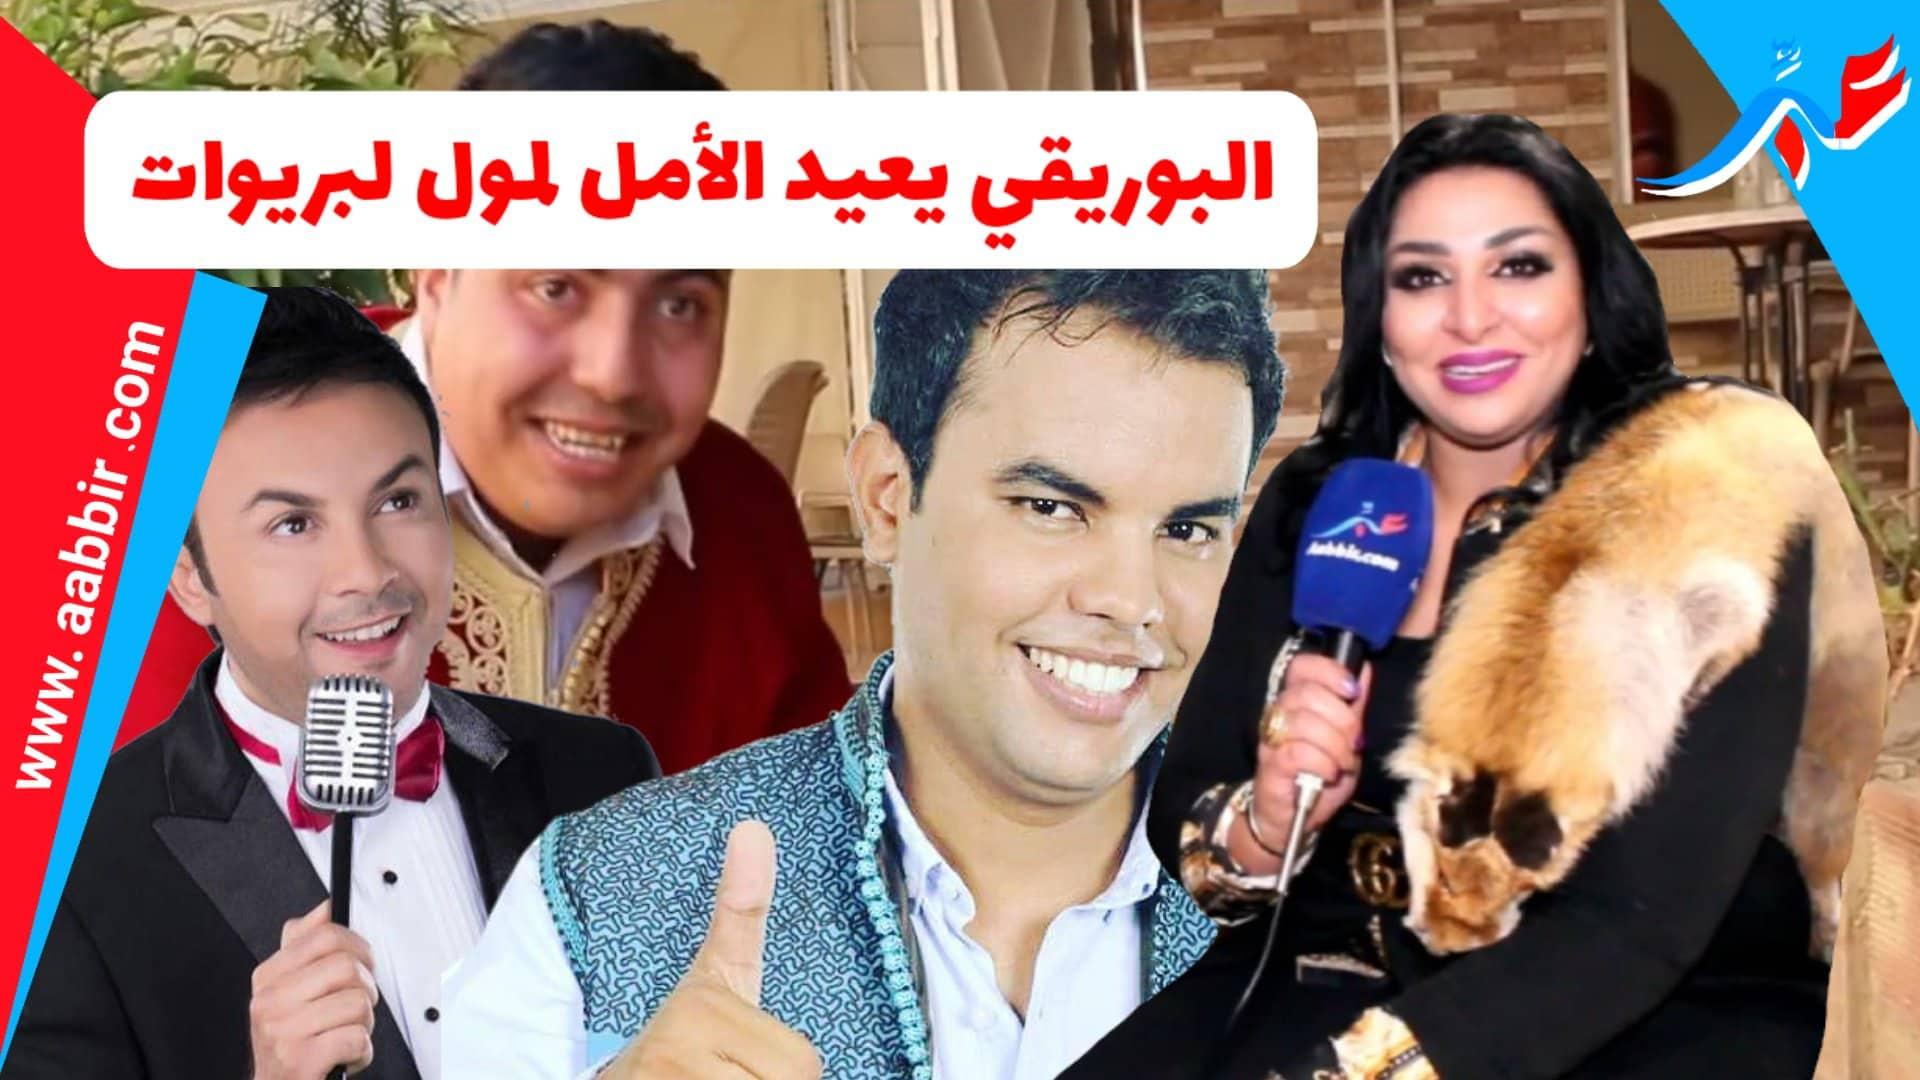 حاتم إدار -مراد بوريقي